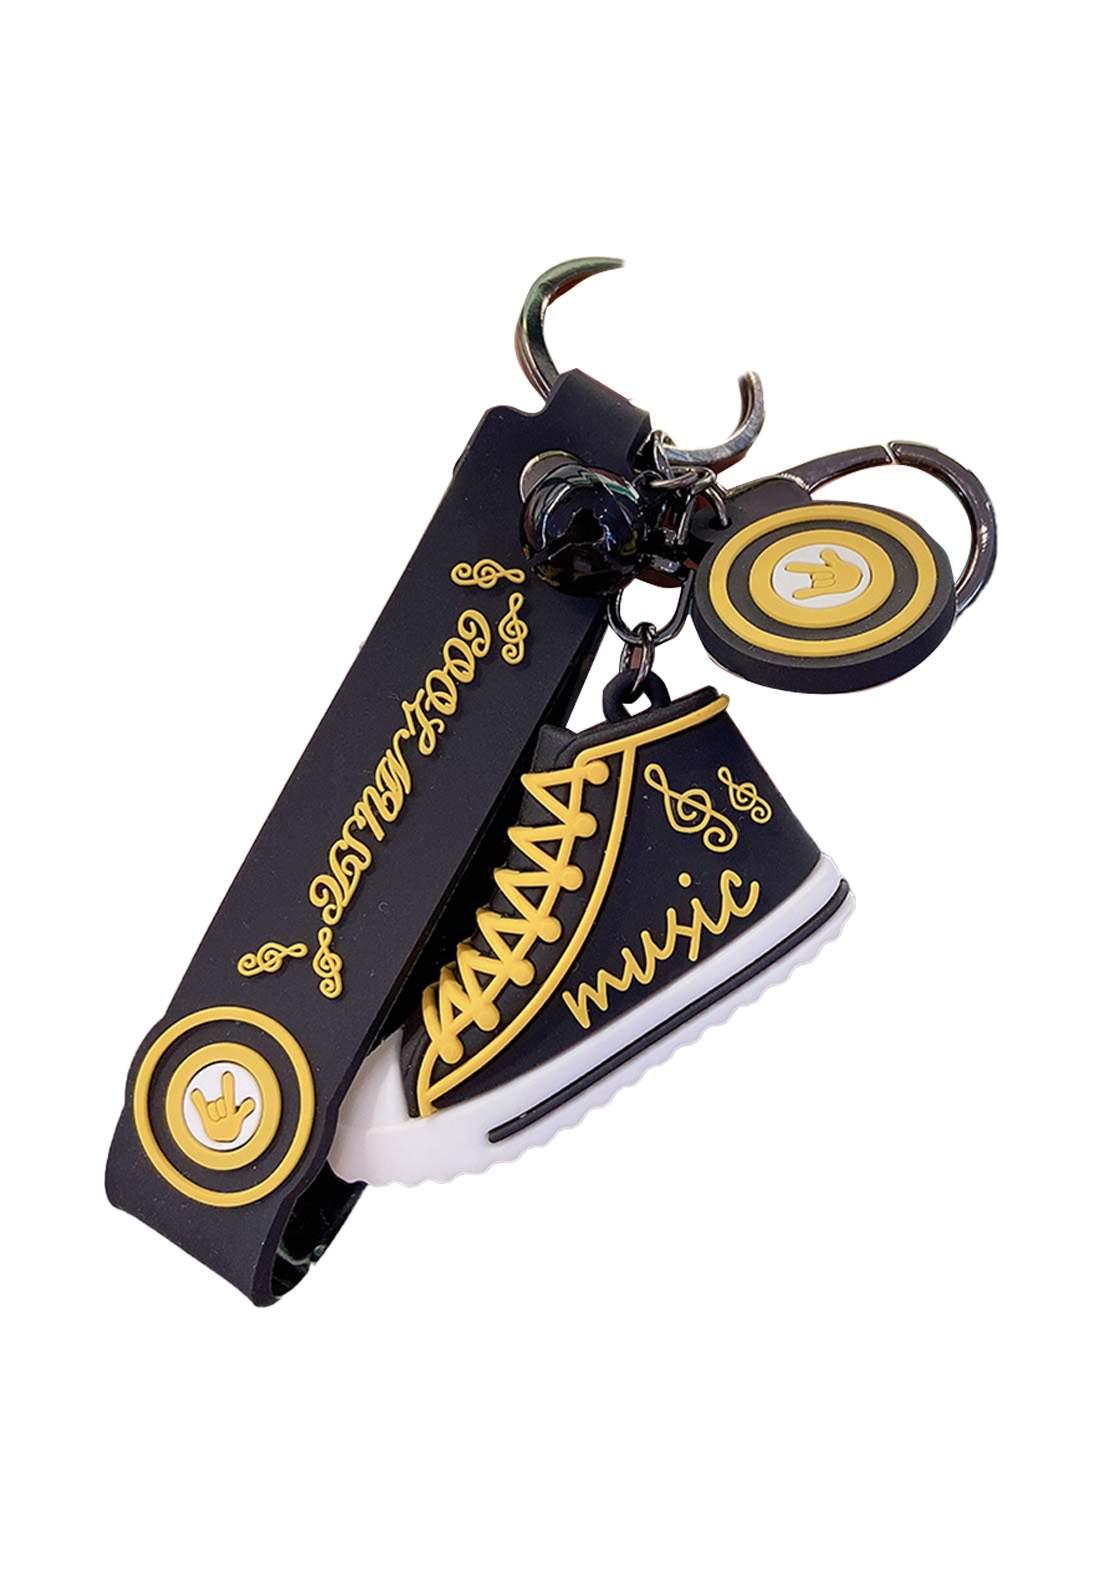 ميدالية بتصميم حذاء رياضي سوداء اللون  من Ilahui